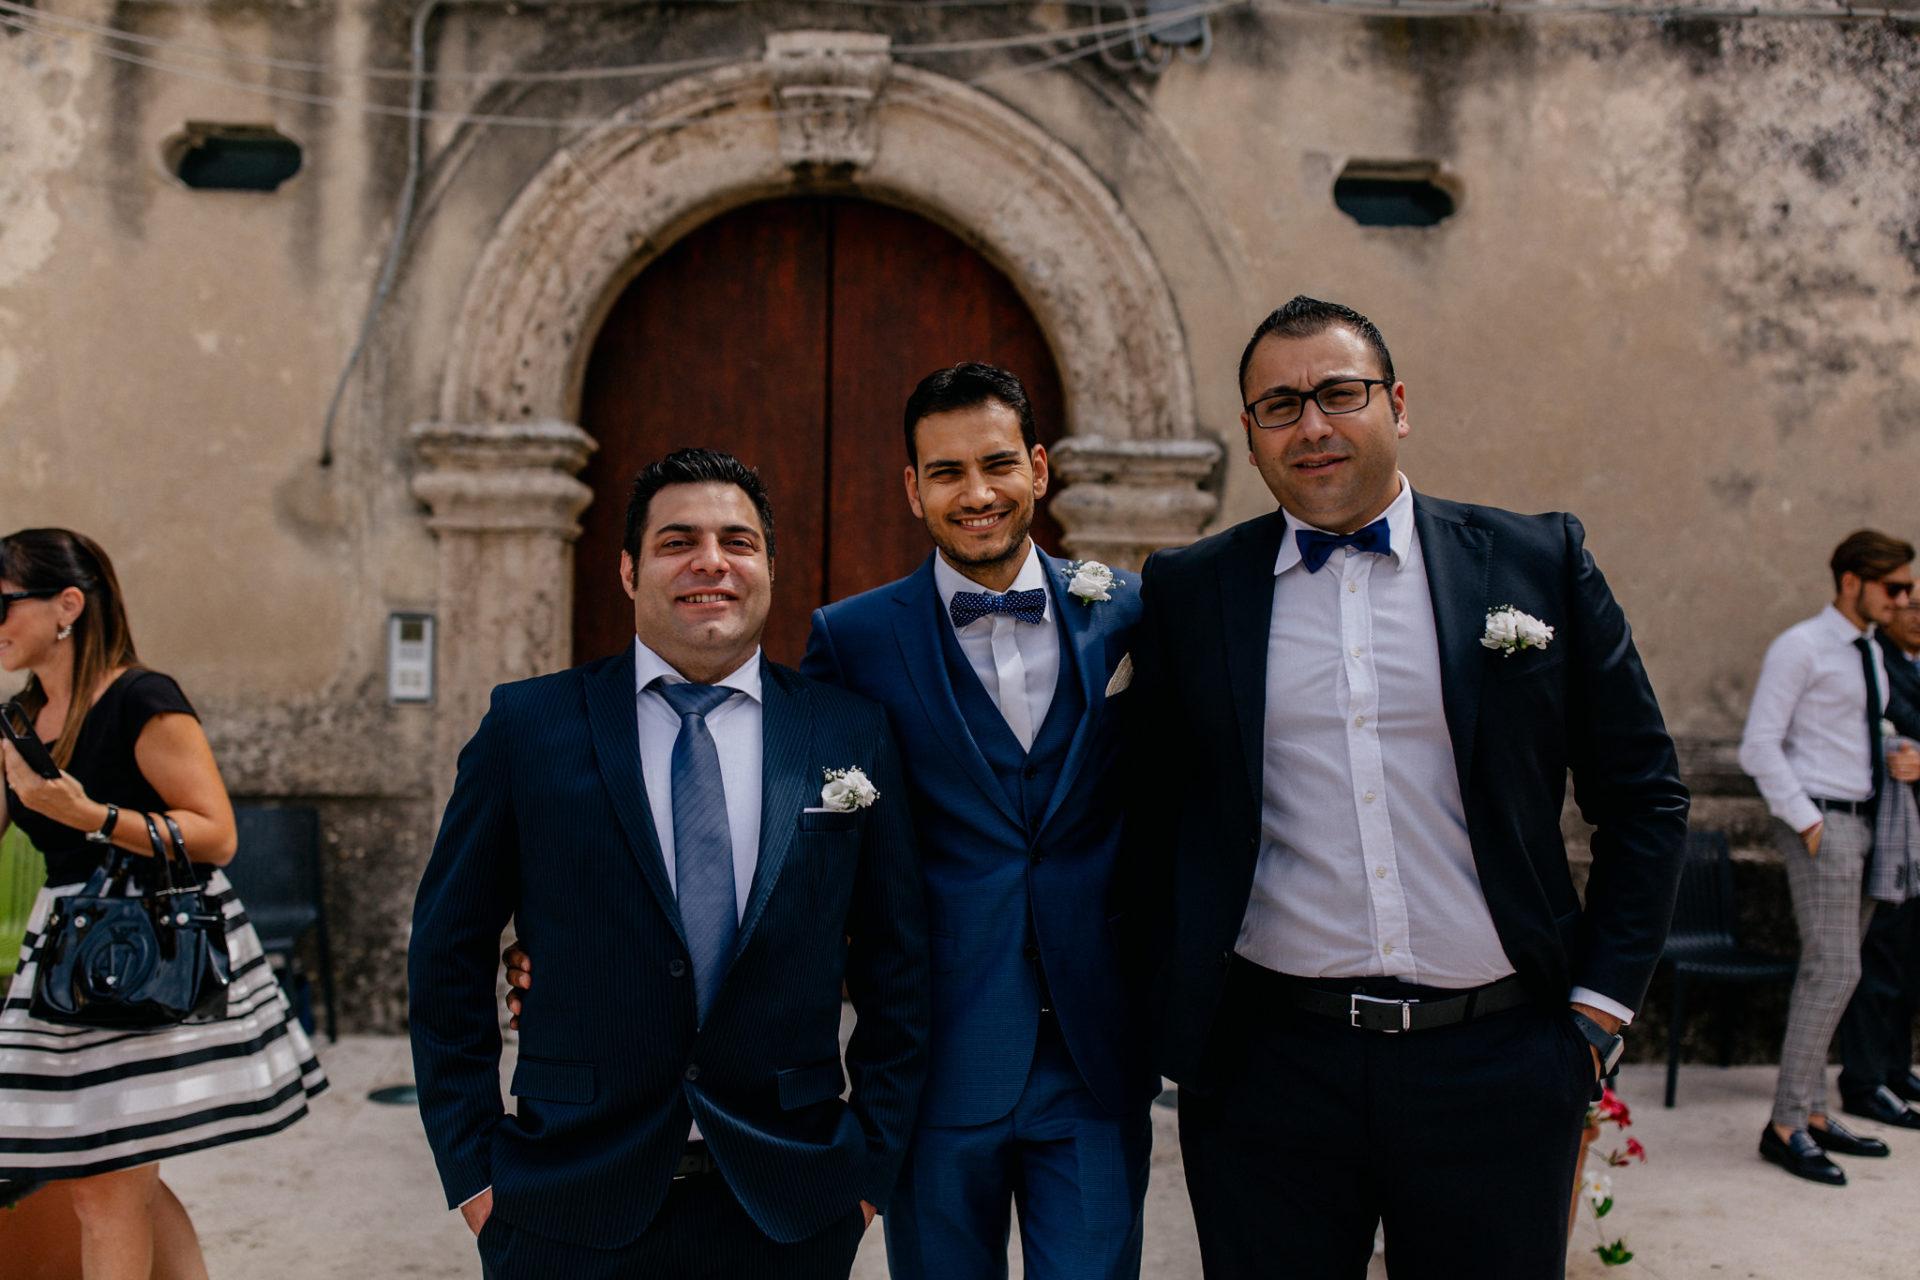 wedding photographer amalfi coast-italy wedding-groom and groomsmen